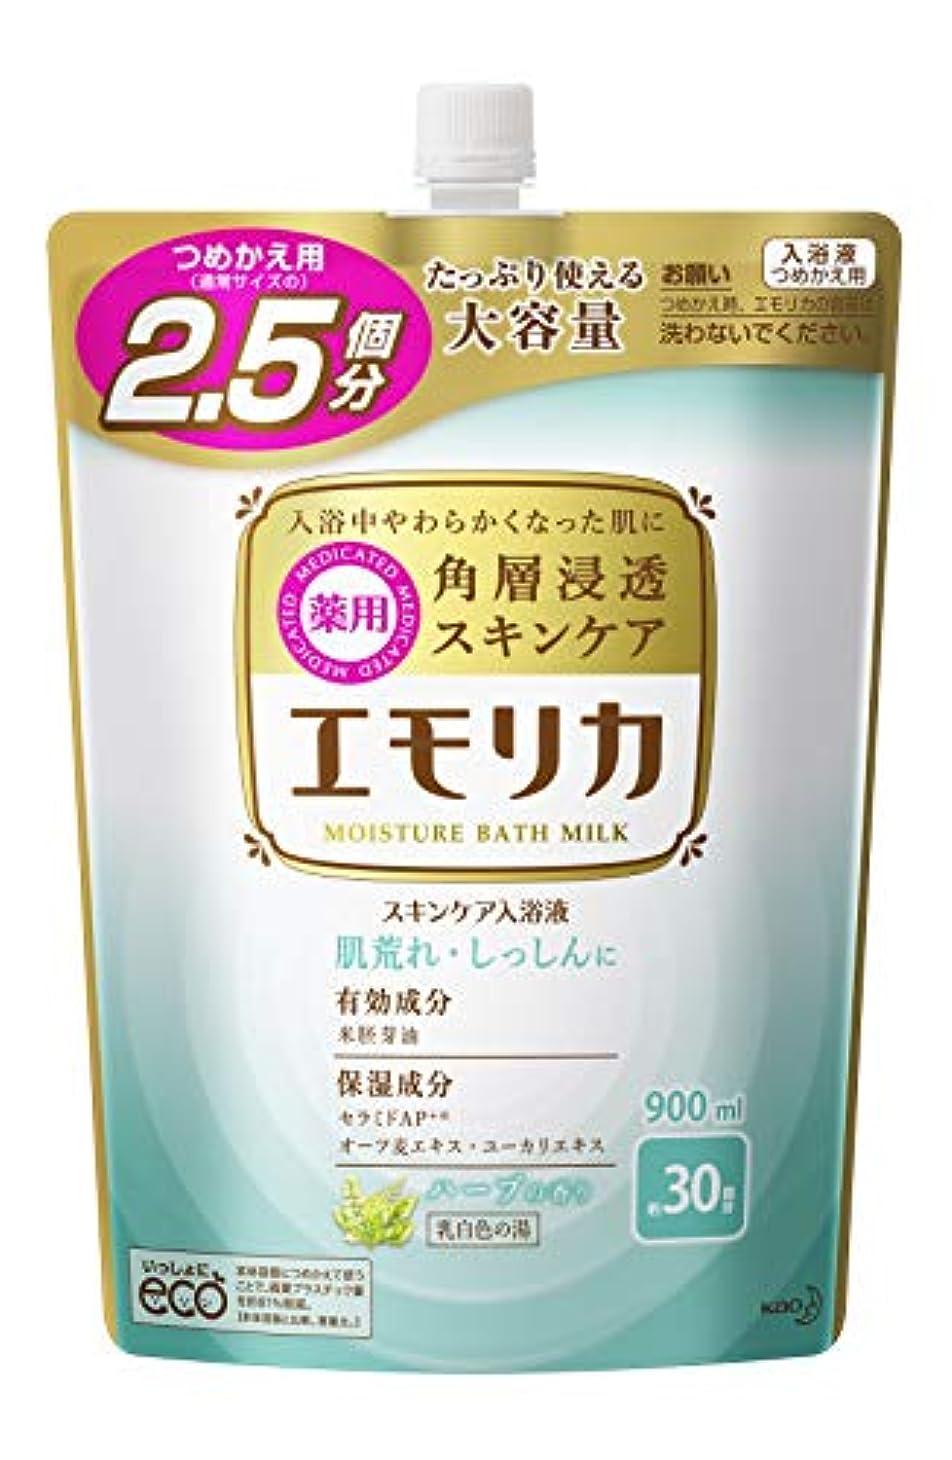 状態プライム故障【大容量】 エモリカ 薬用スキンケア入浴液 ハーブの香り つめかえ用900ml 液体 入浴剤 (赤ちゃんにも使えます)